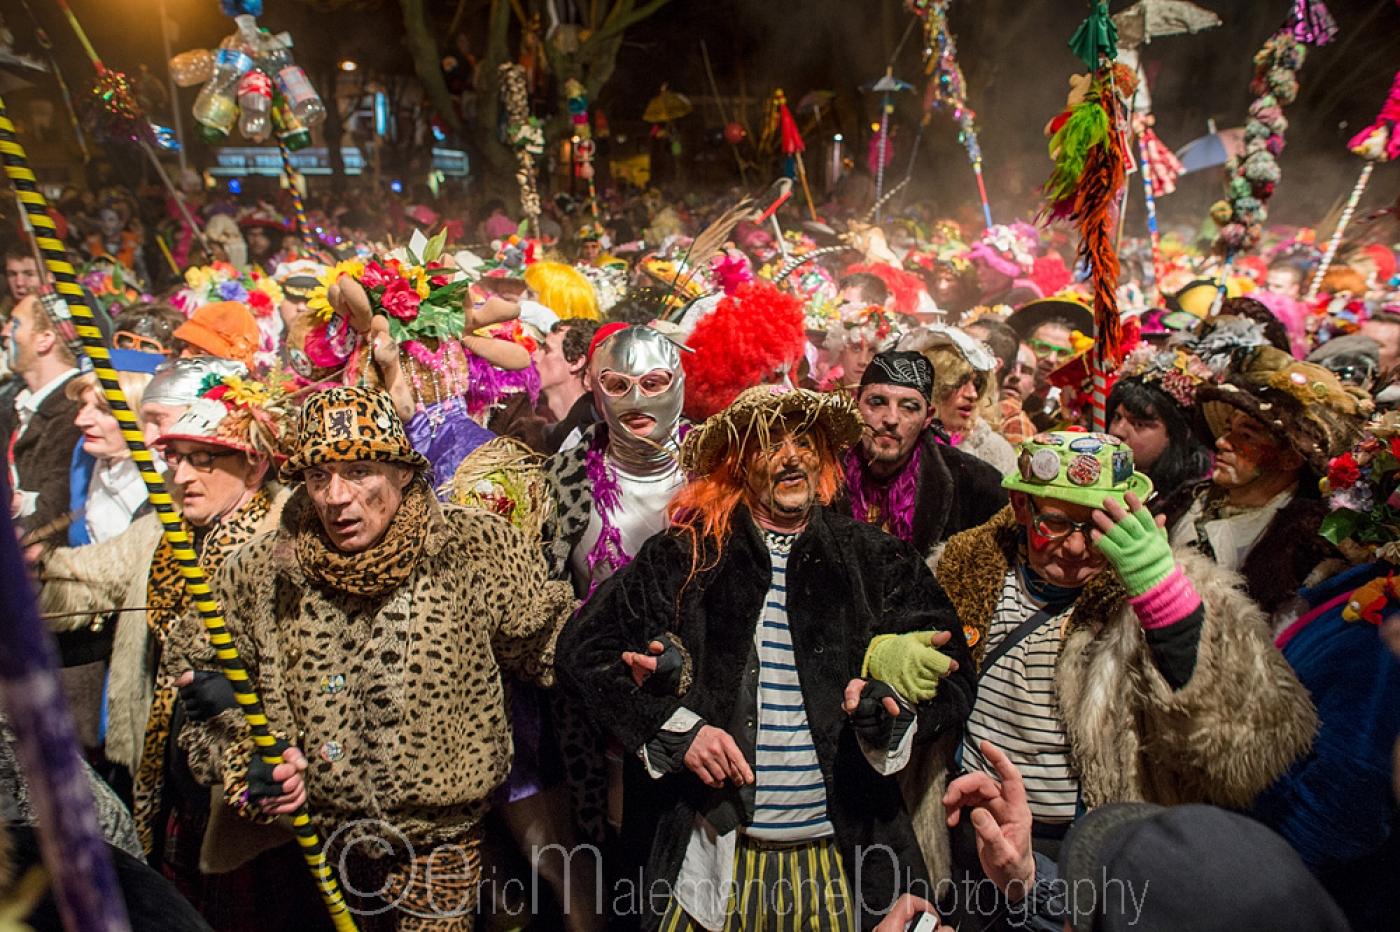 http://www.ericmalemanche.com/imagess/topics/carnaval-de-dunkerque/liste/Carnaval-Dunkerque-6597.jpg